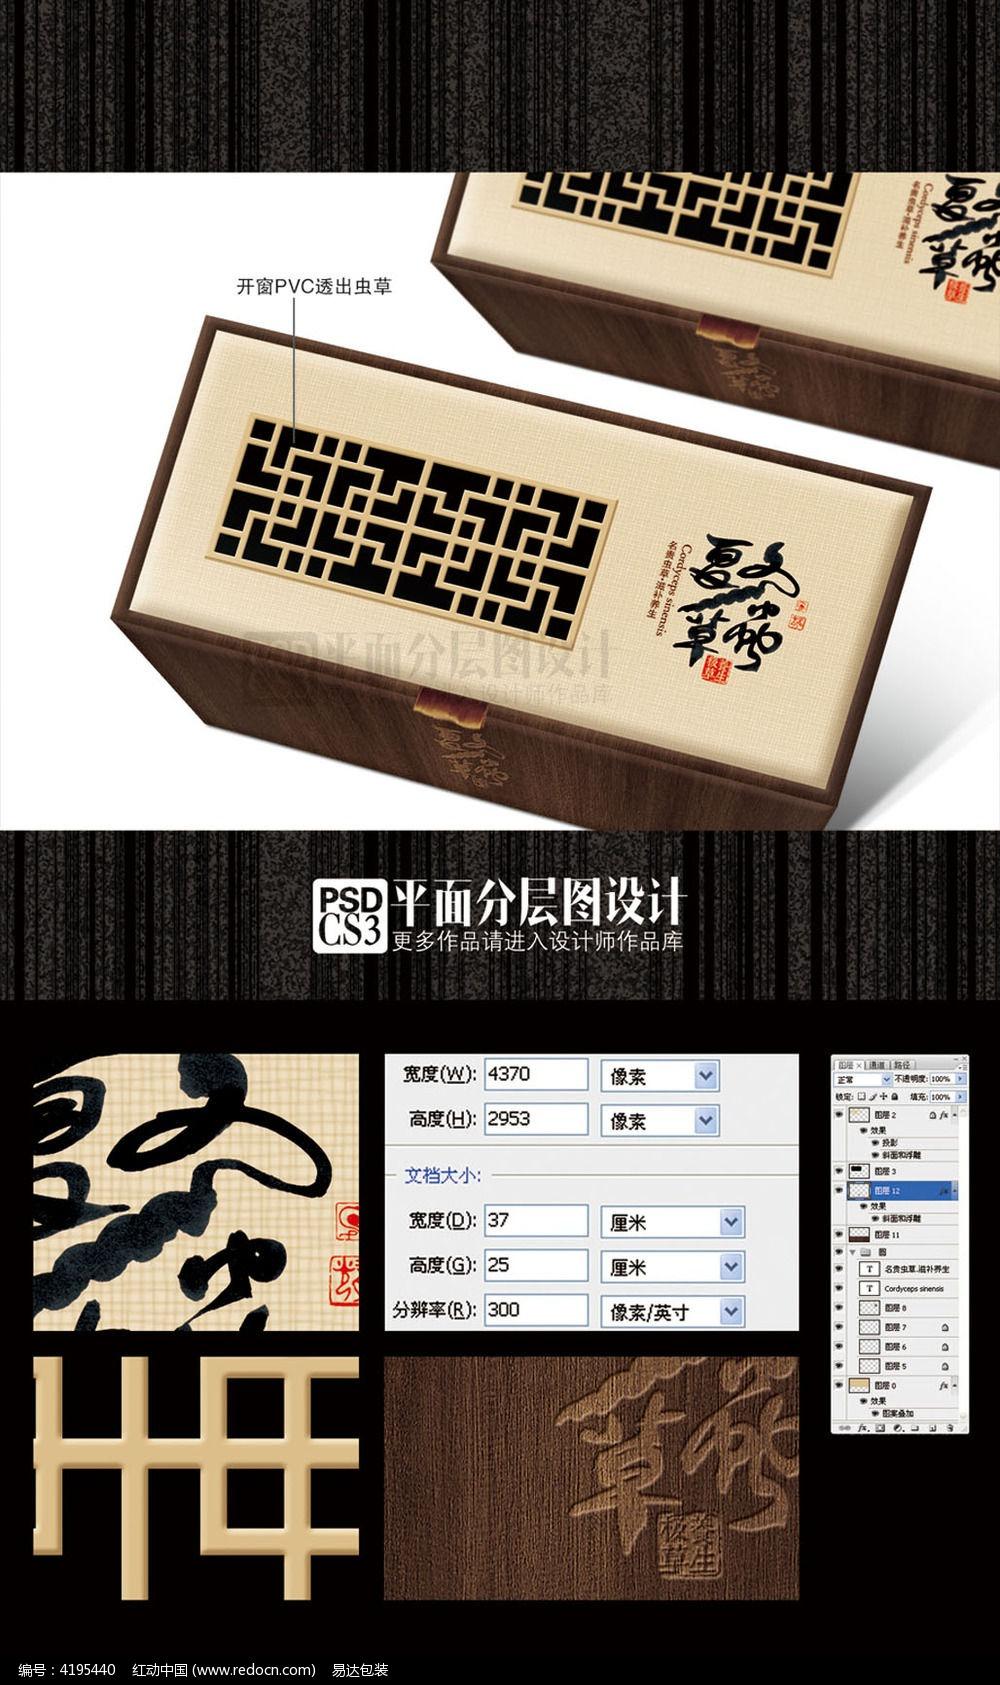 冬虫夏草条盒礼盒包装(平分层图设计)图片